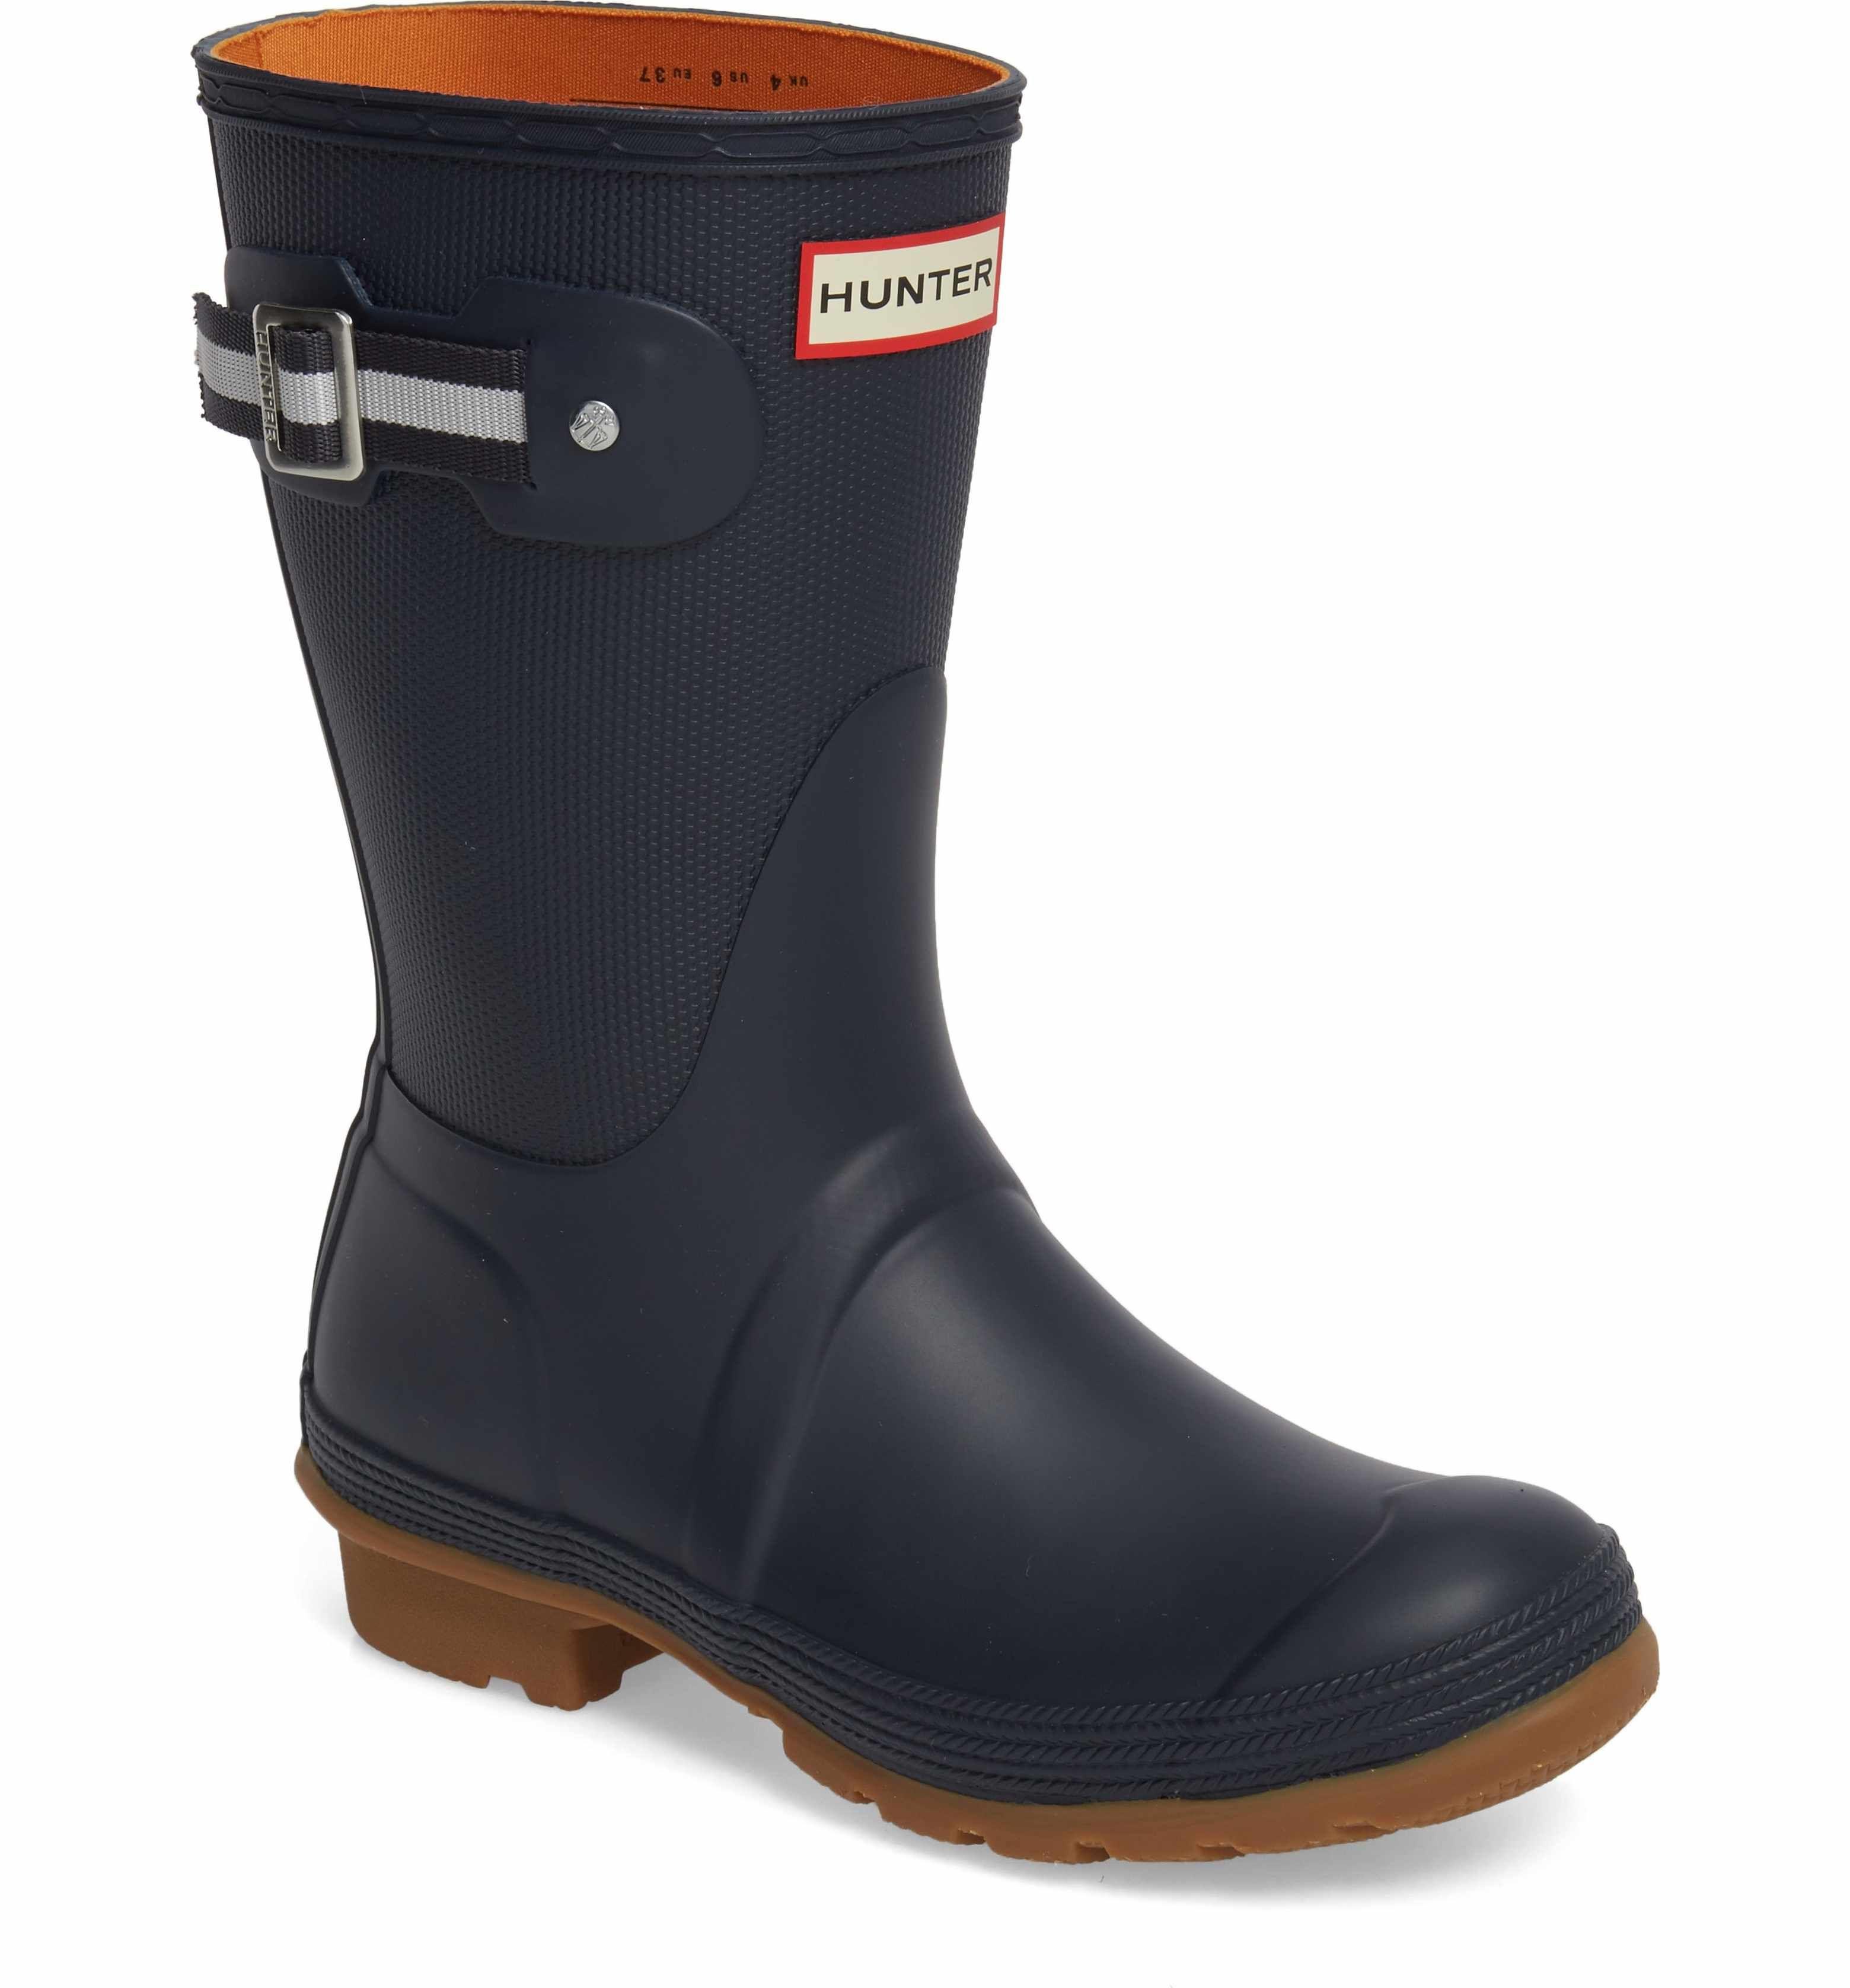 318ab8053 Main Image - Hunter Original Sissinghurst Short Rain Boot (Women ...